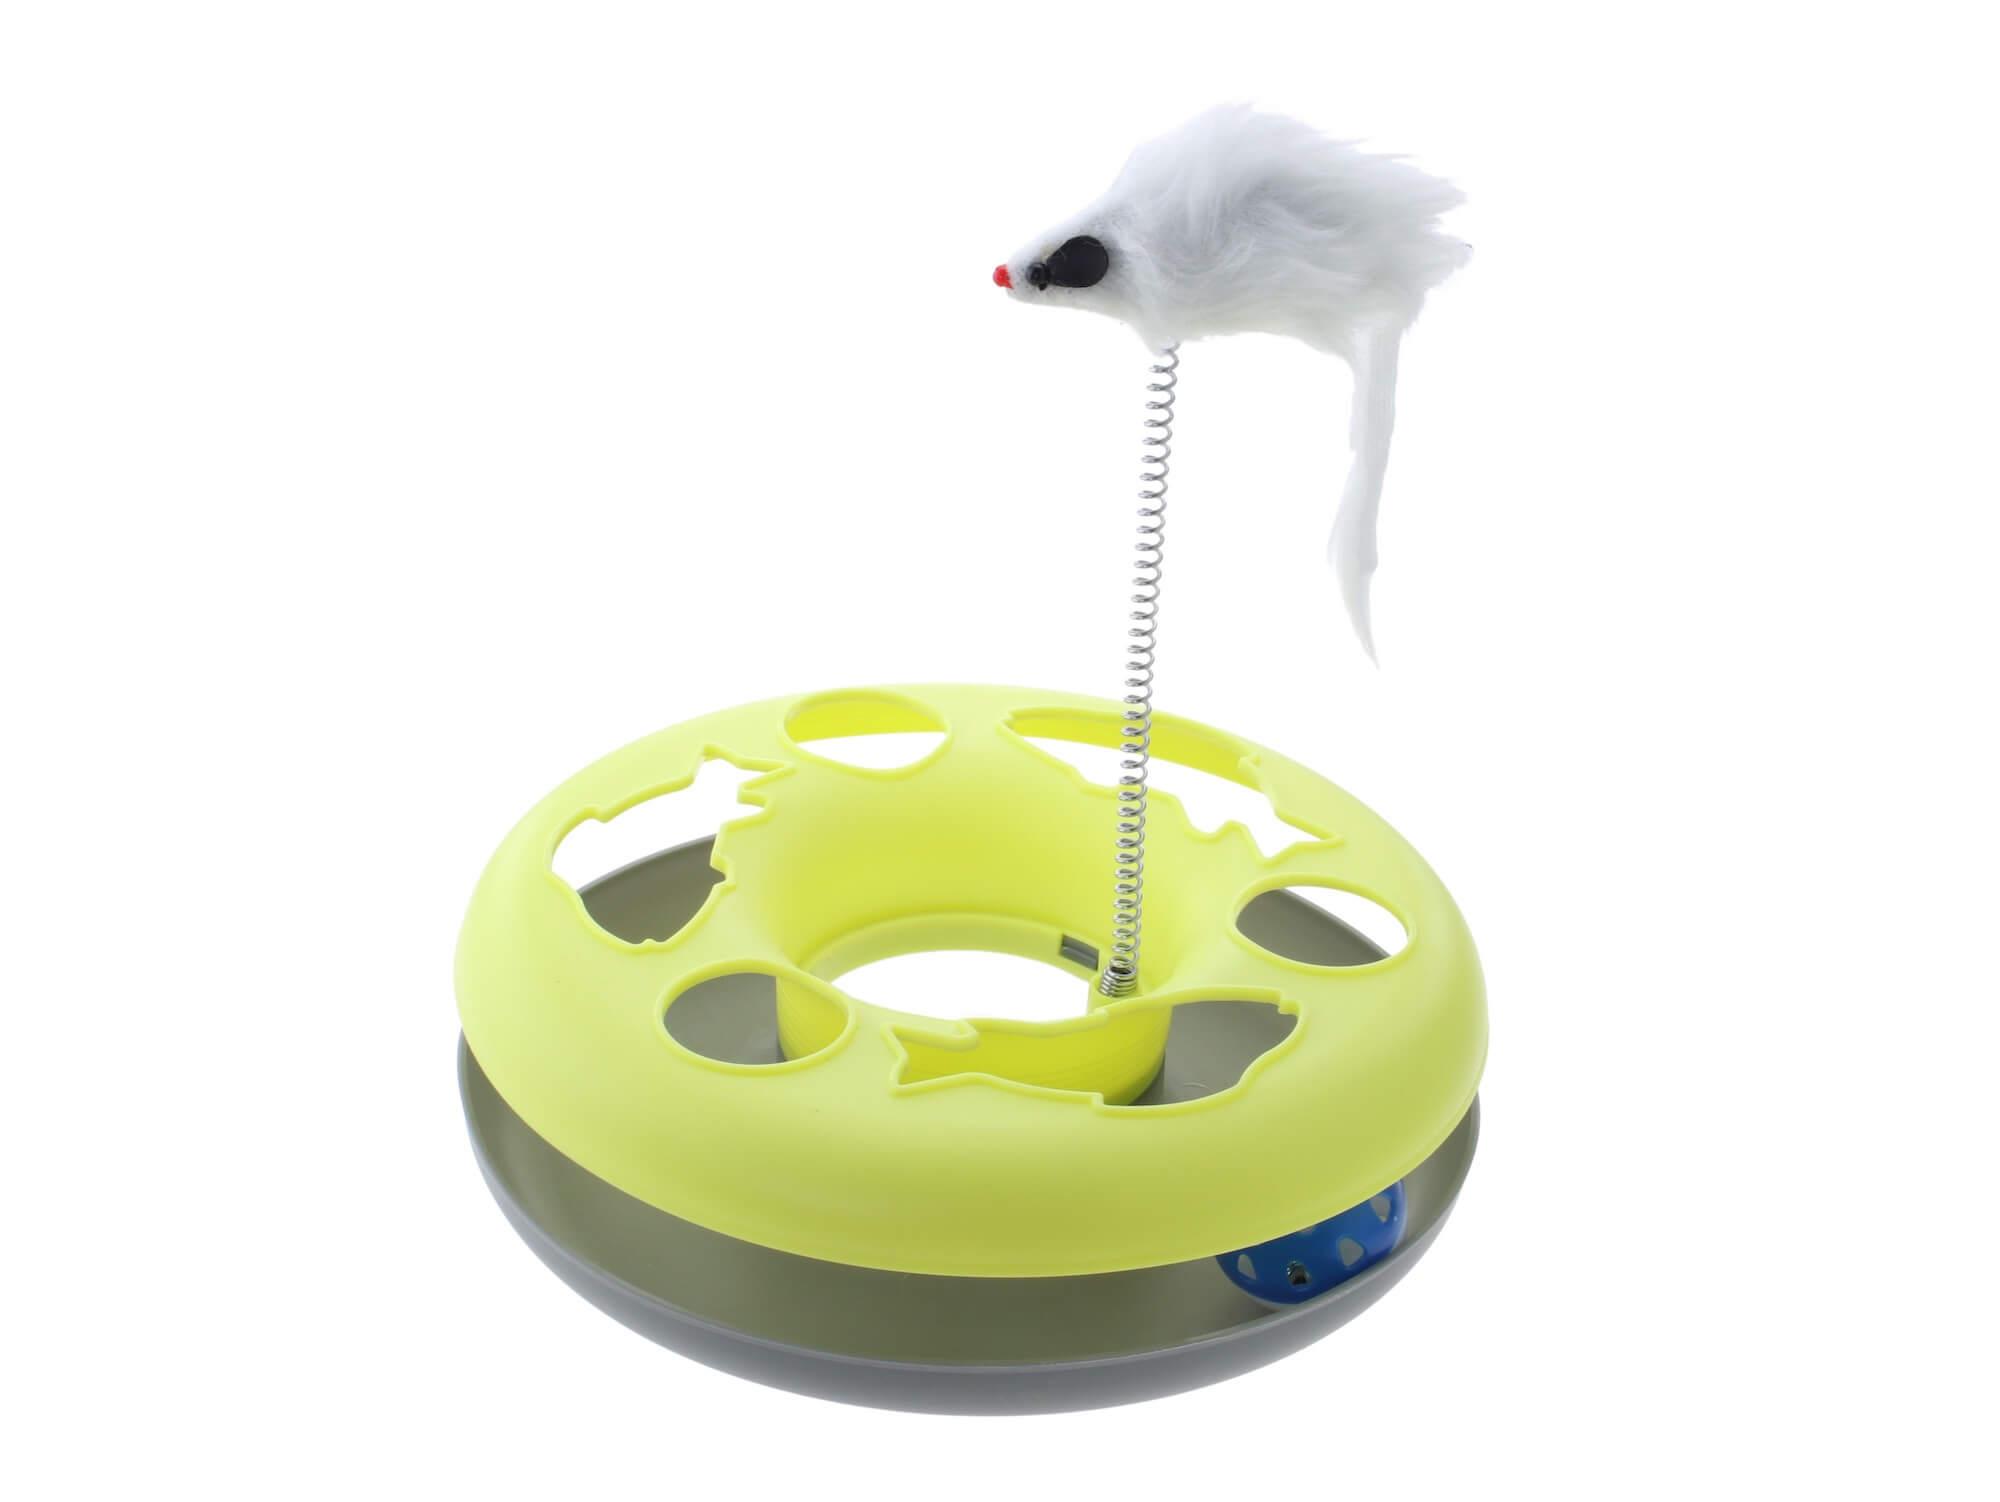 Vsepropejska Erbo interaktivní hračka pro kočku Barva: Žlutá